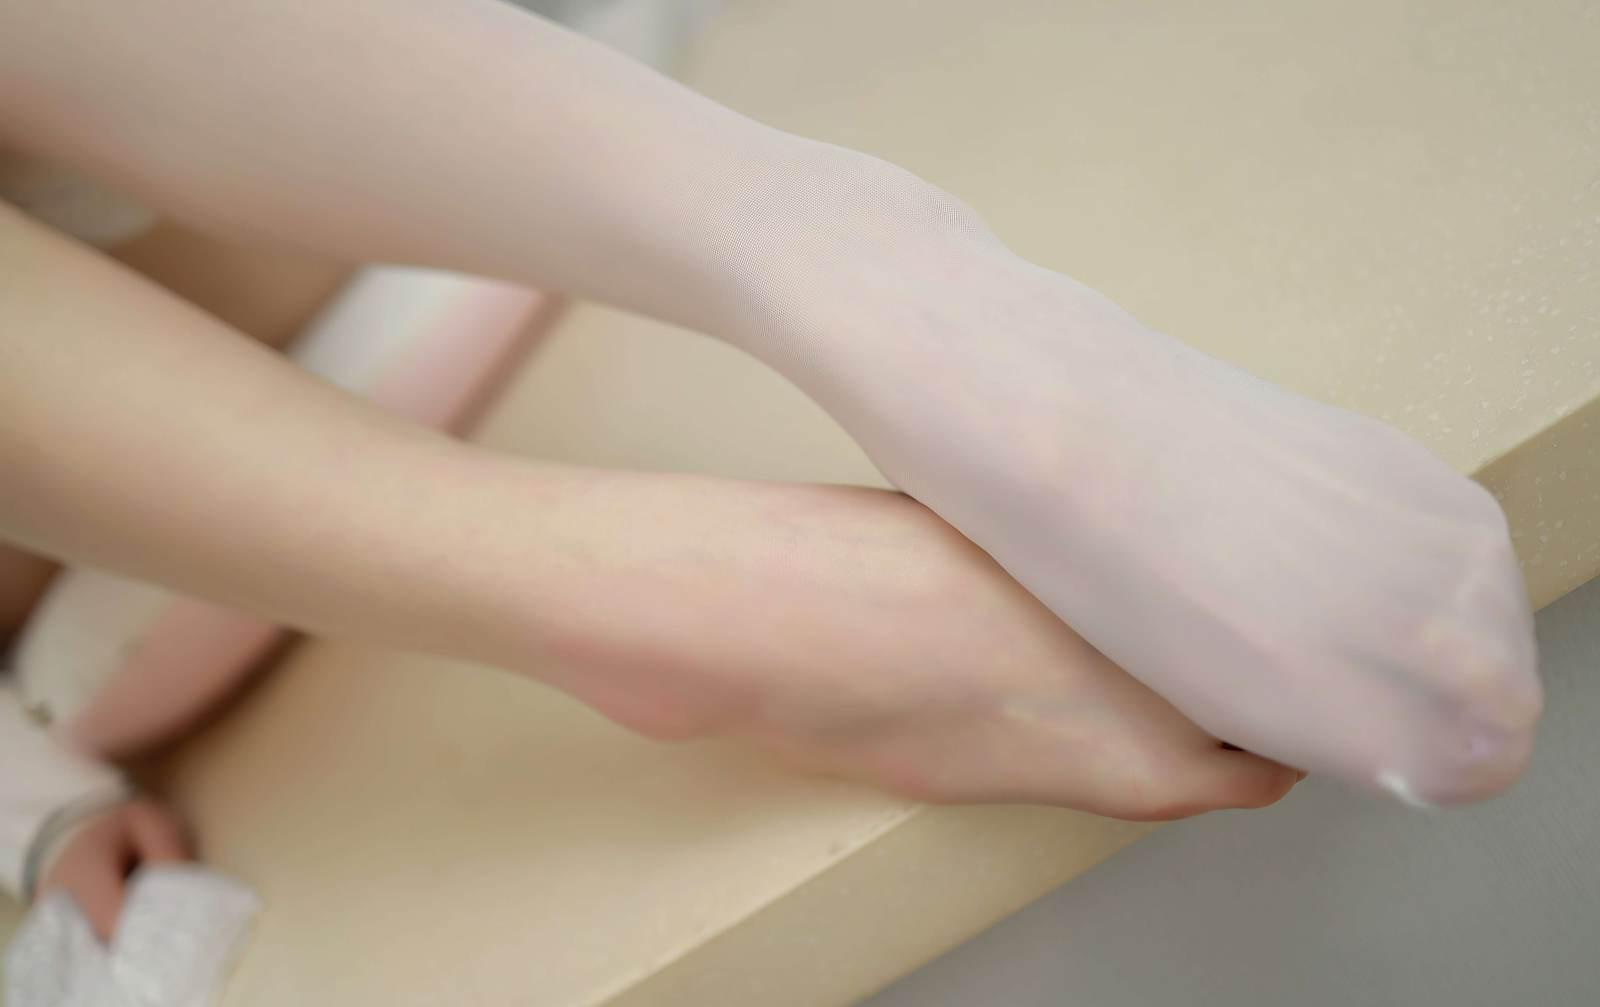 第191期白净可人优优(白丝,黑丝,丝袜)_图片5